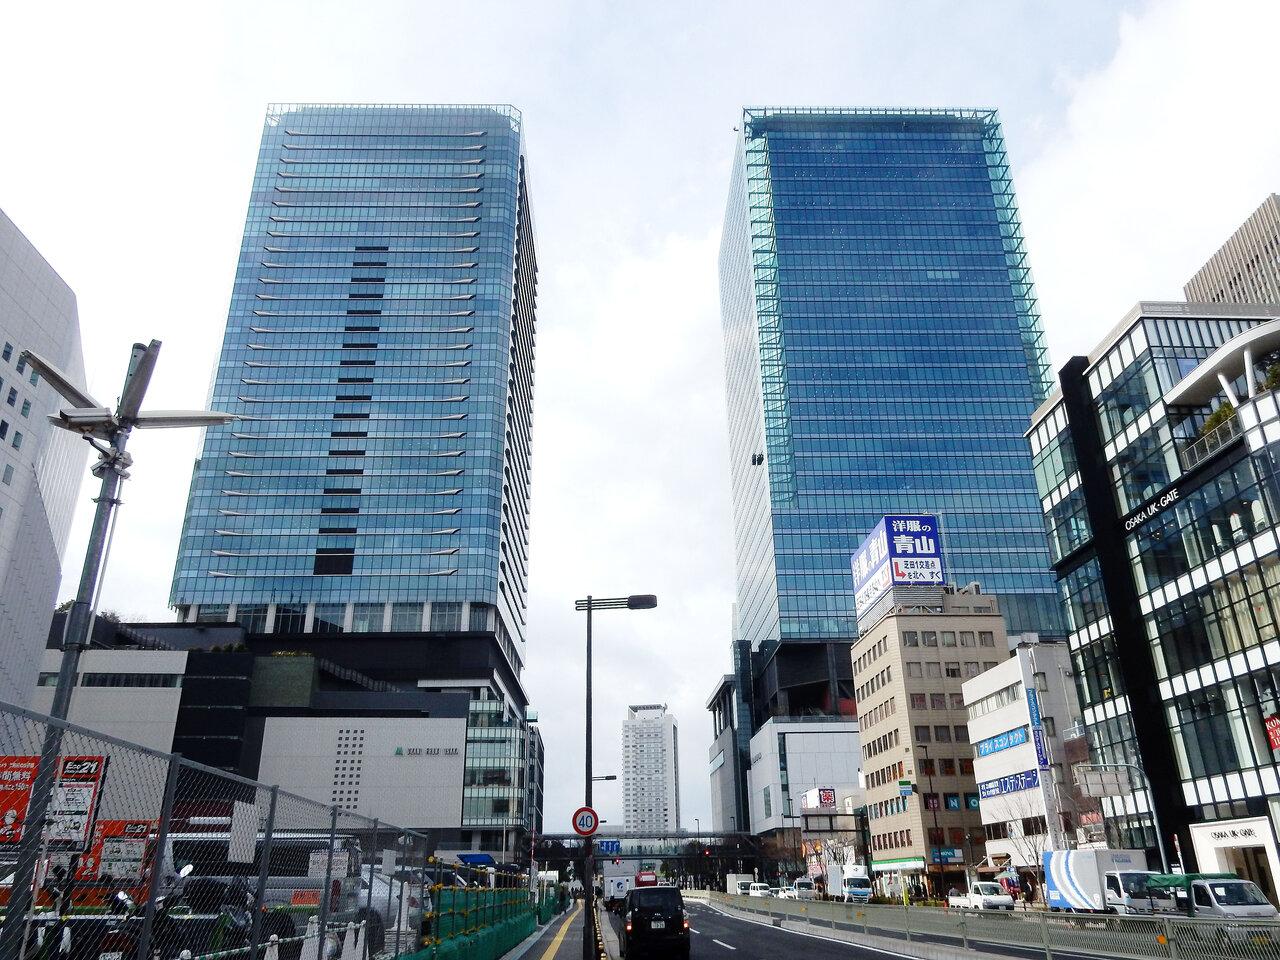 訪日客効果、剥げ落ち/公示地価 最高値、梅田返り咲き 大阪20%超下落が続出